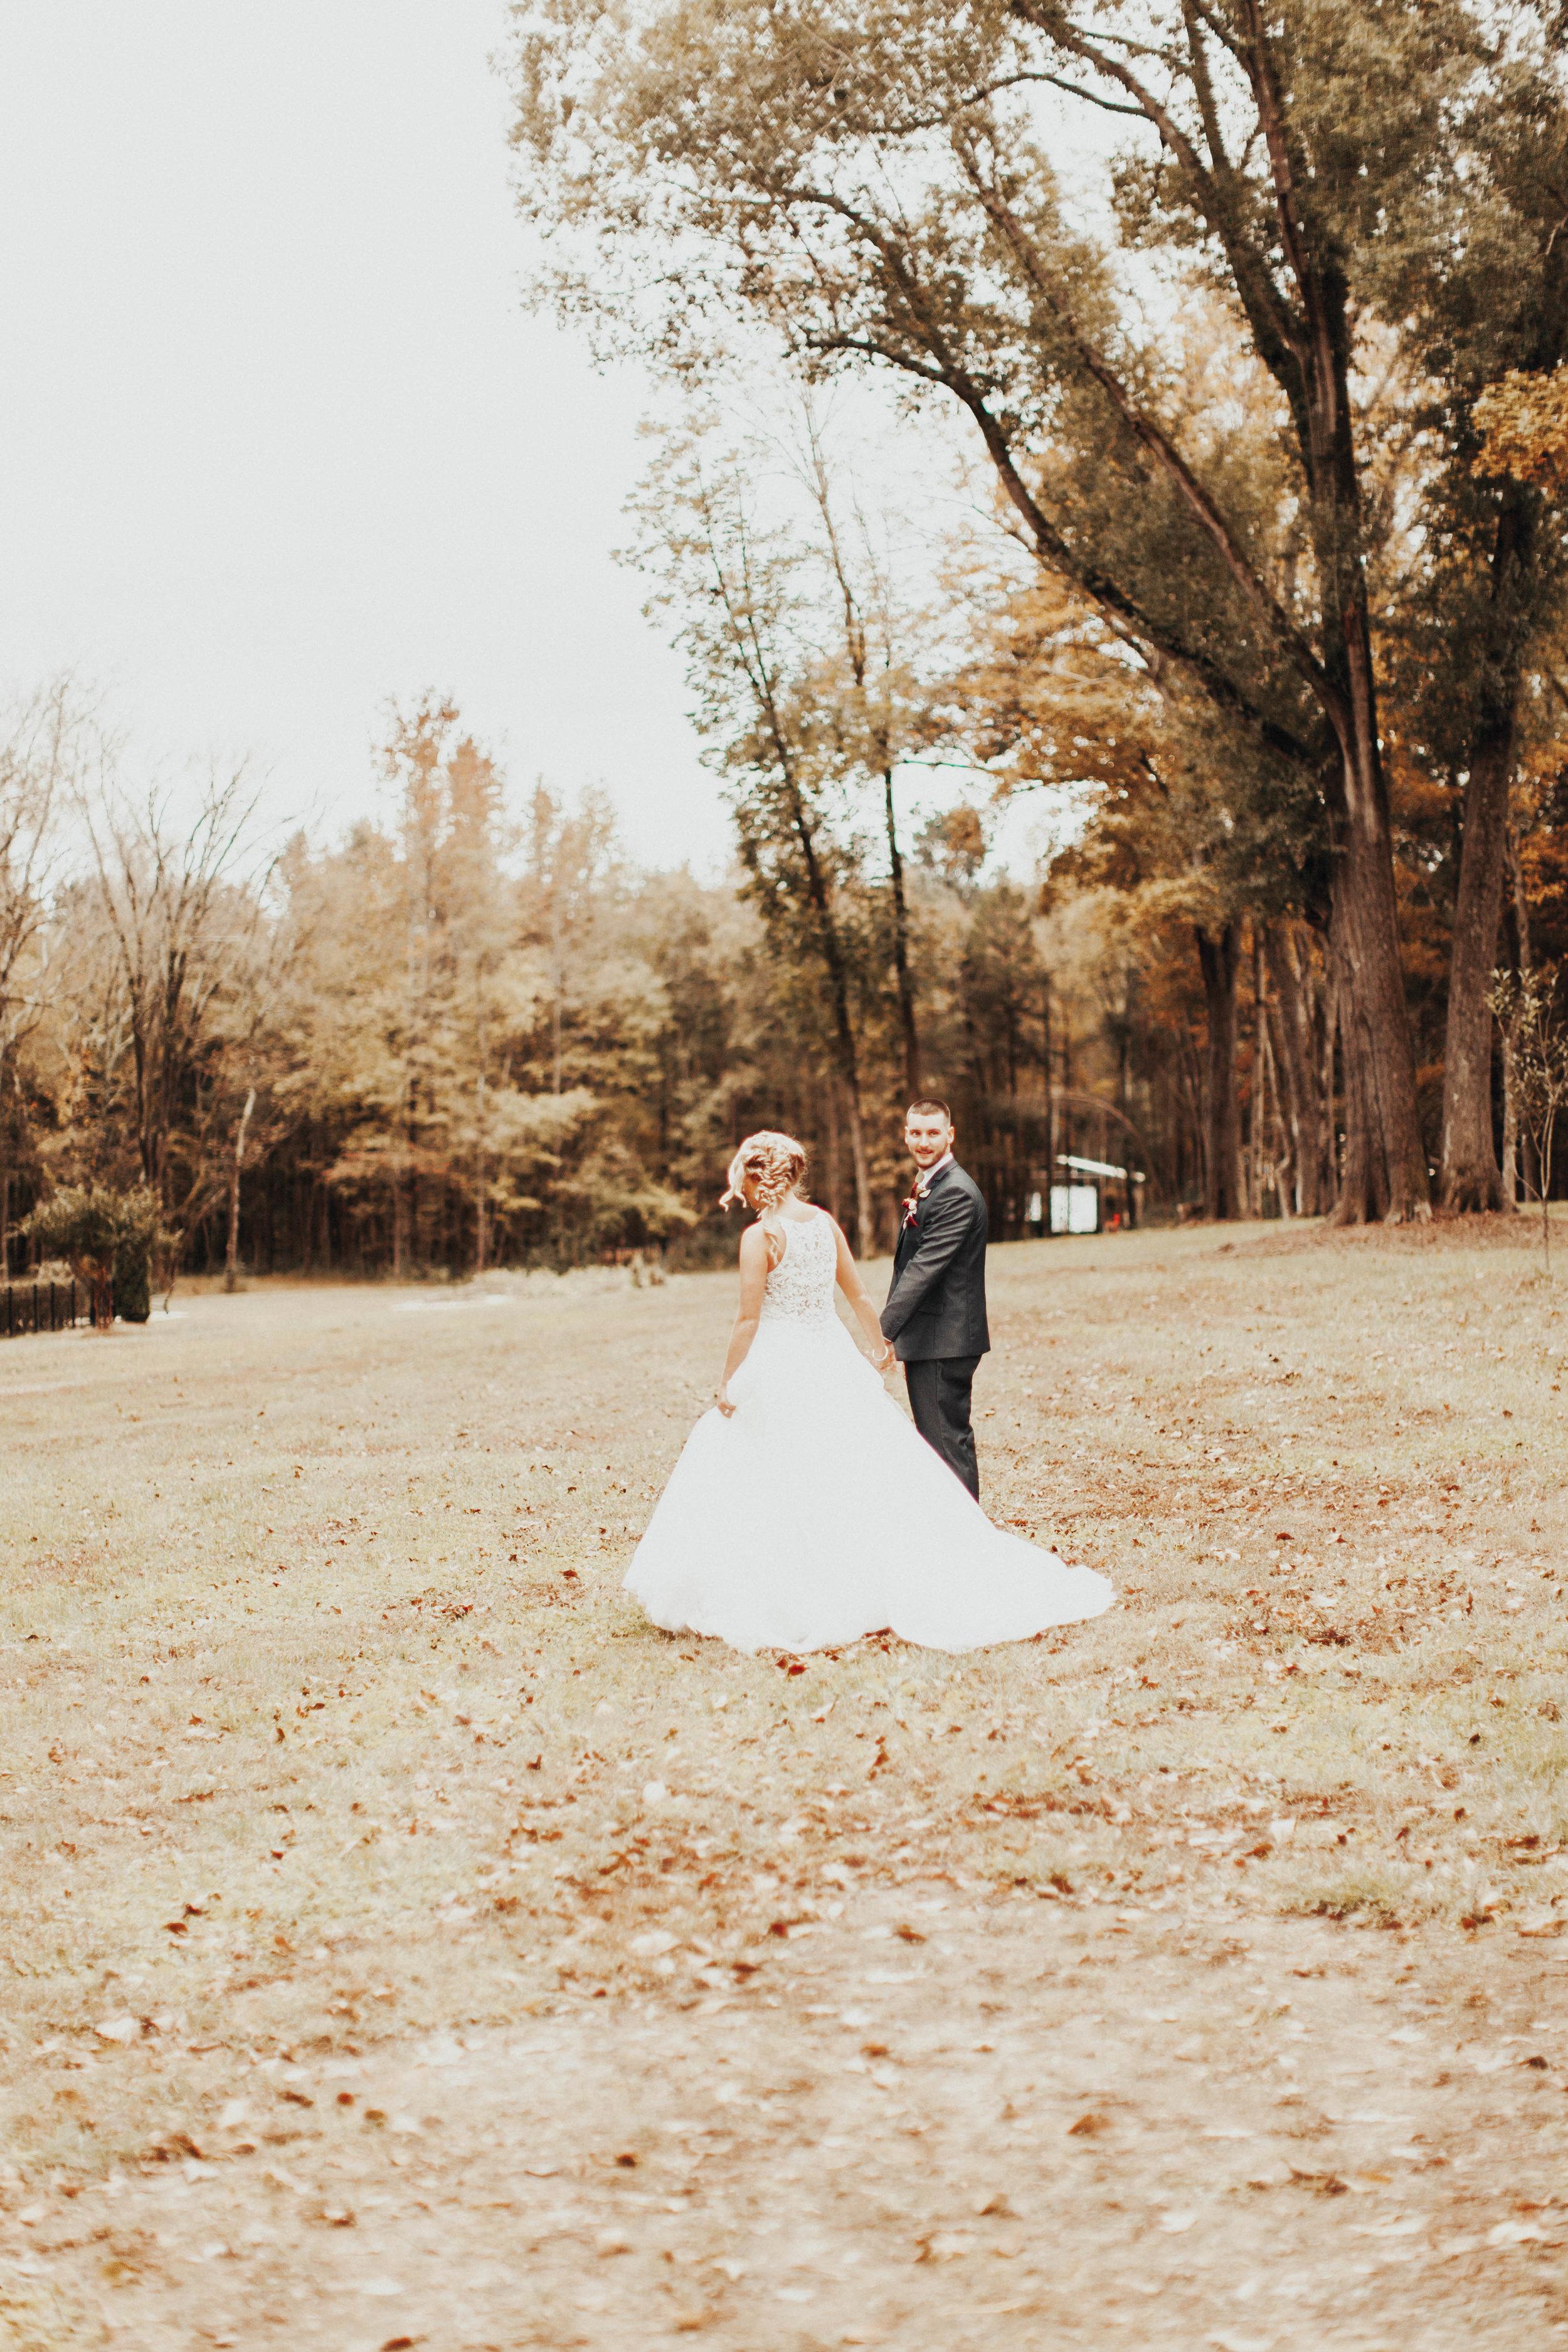 Wedding - STARTING AT $2,000